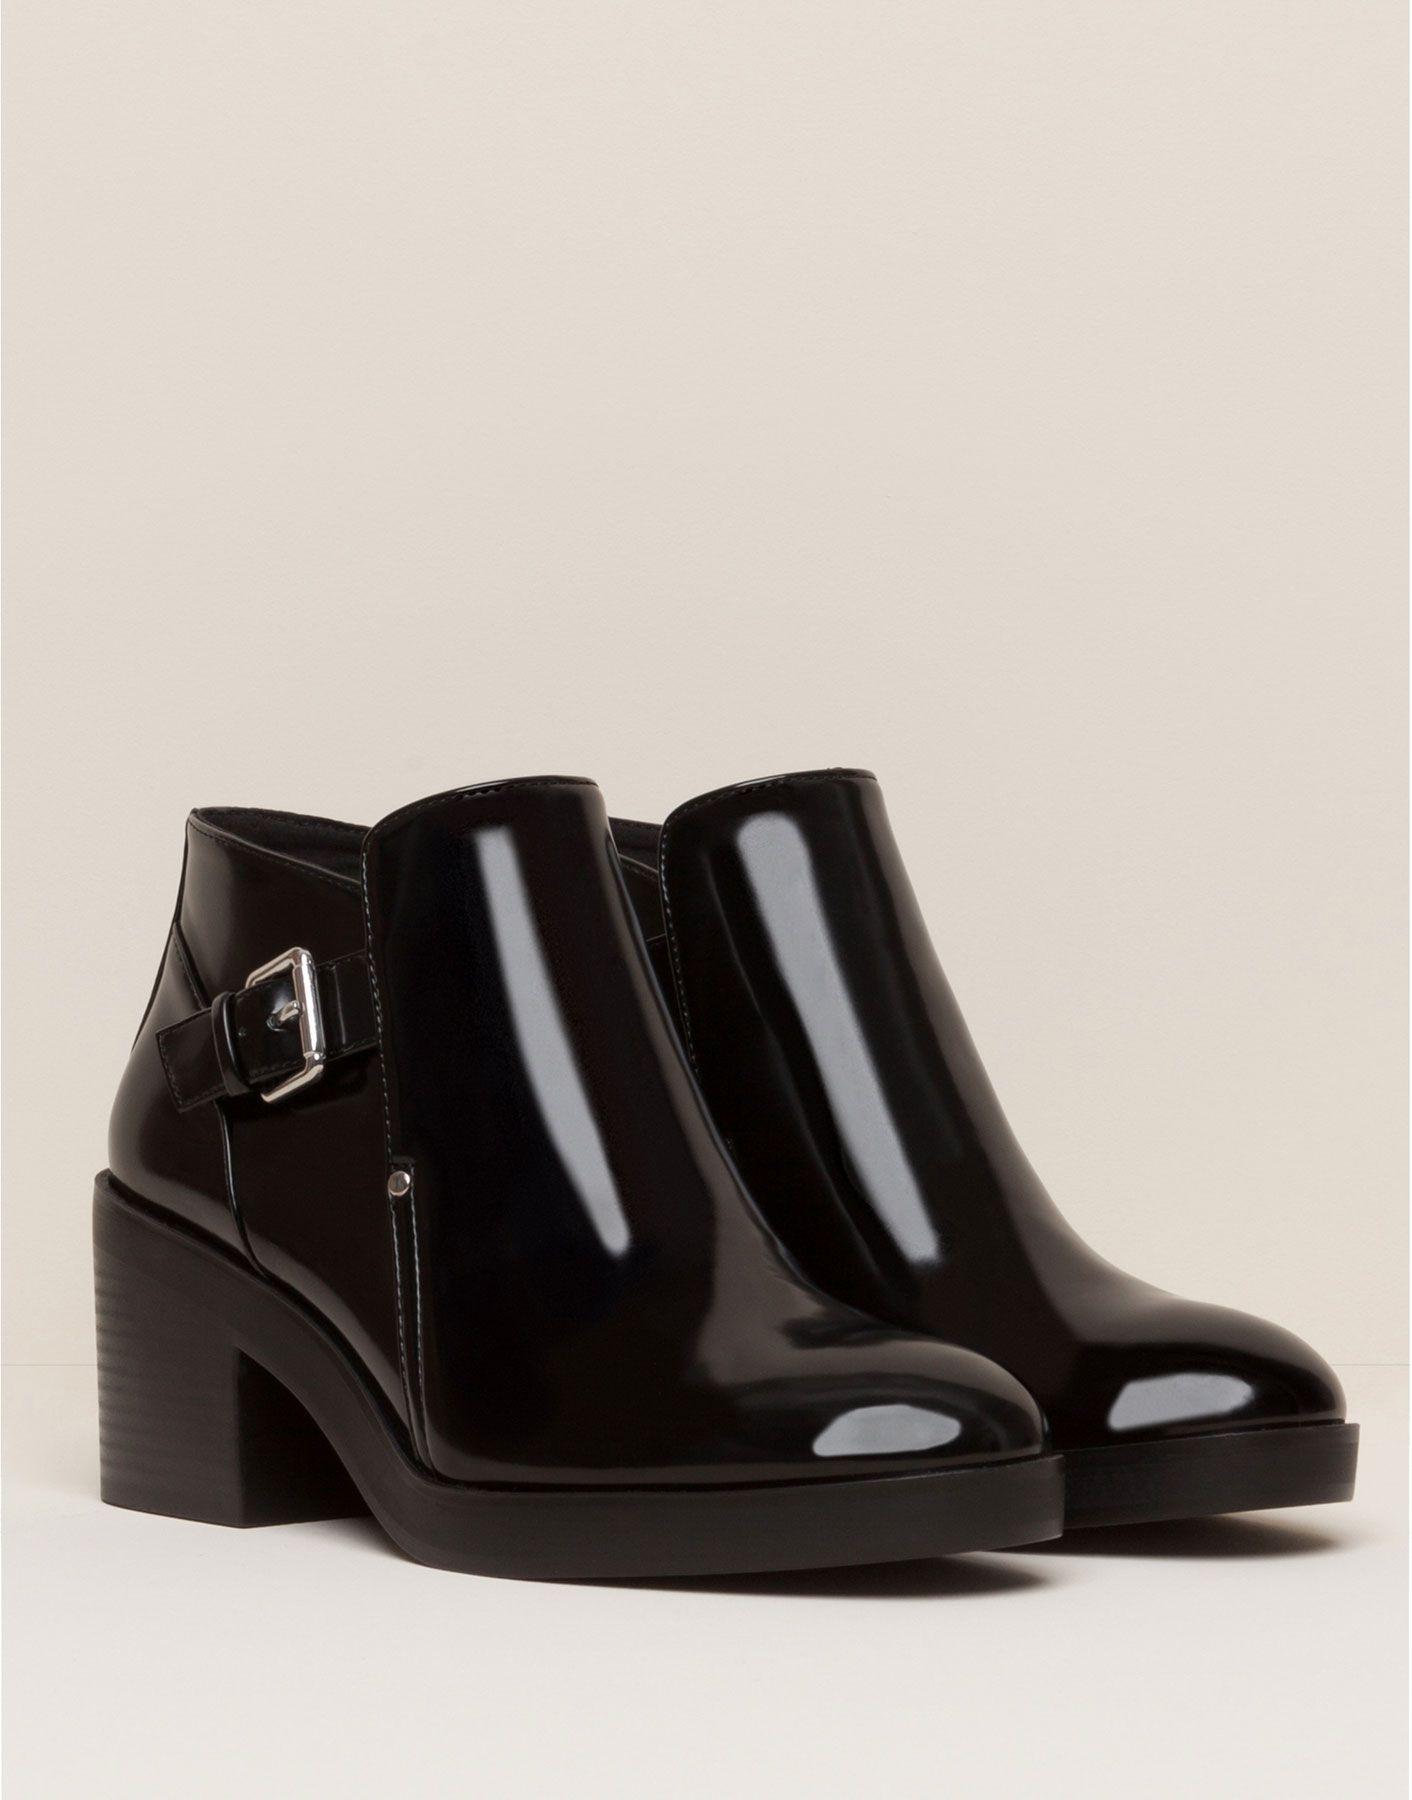 Consigue un look + moderno con lo último en zapatos para AW 17 de  PULL BEAR 67d24da7be5b